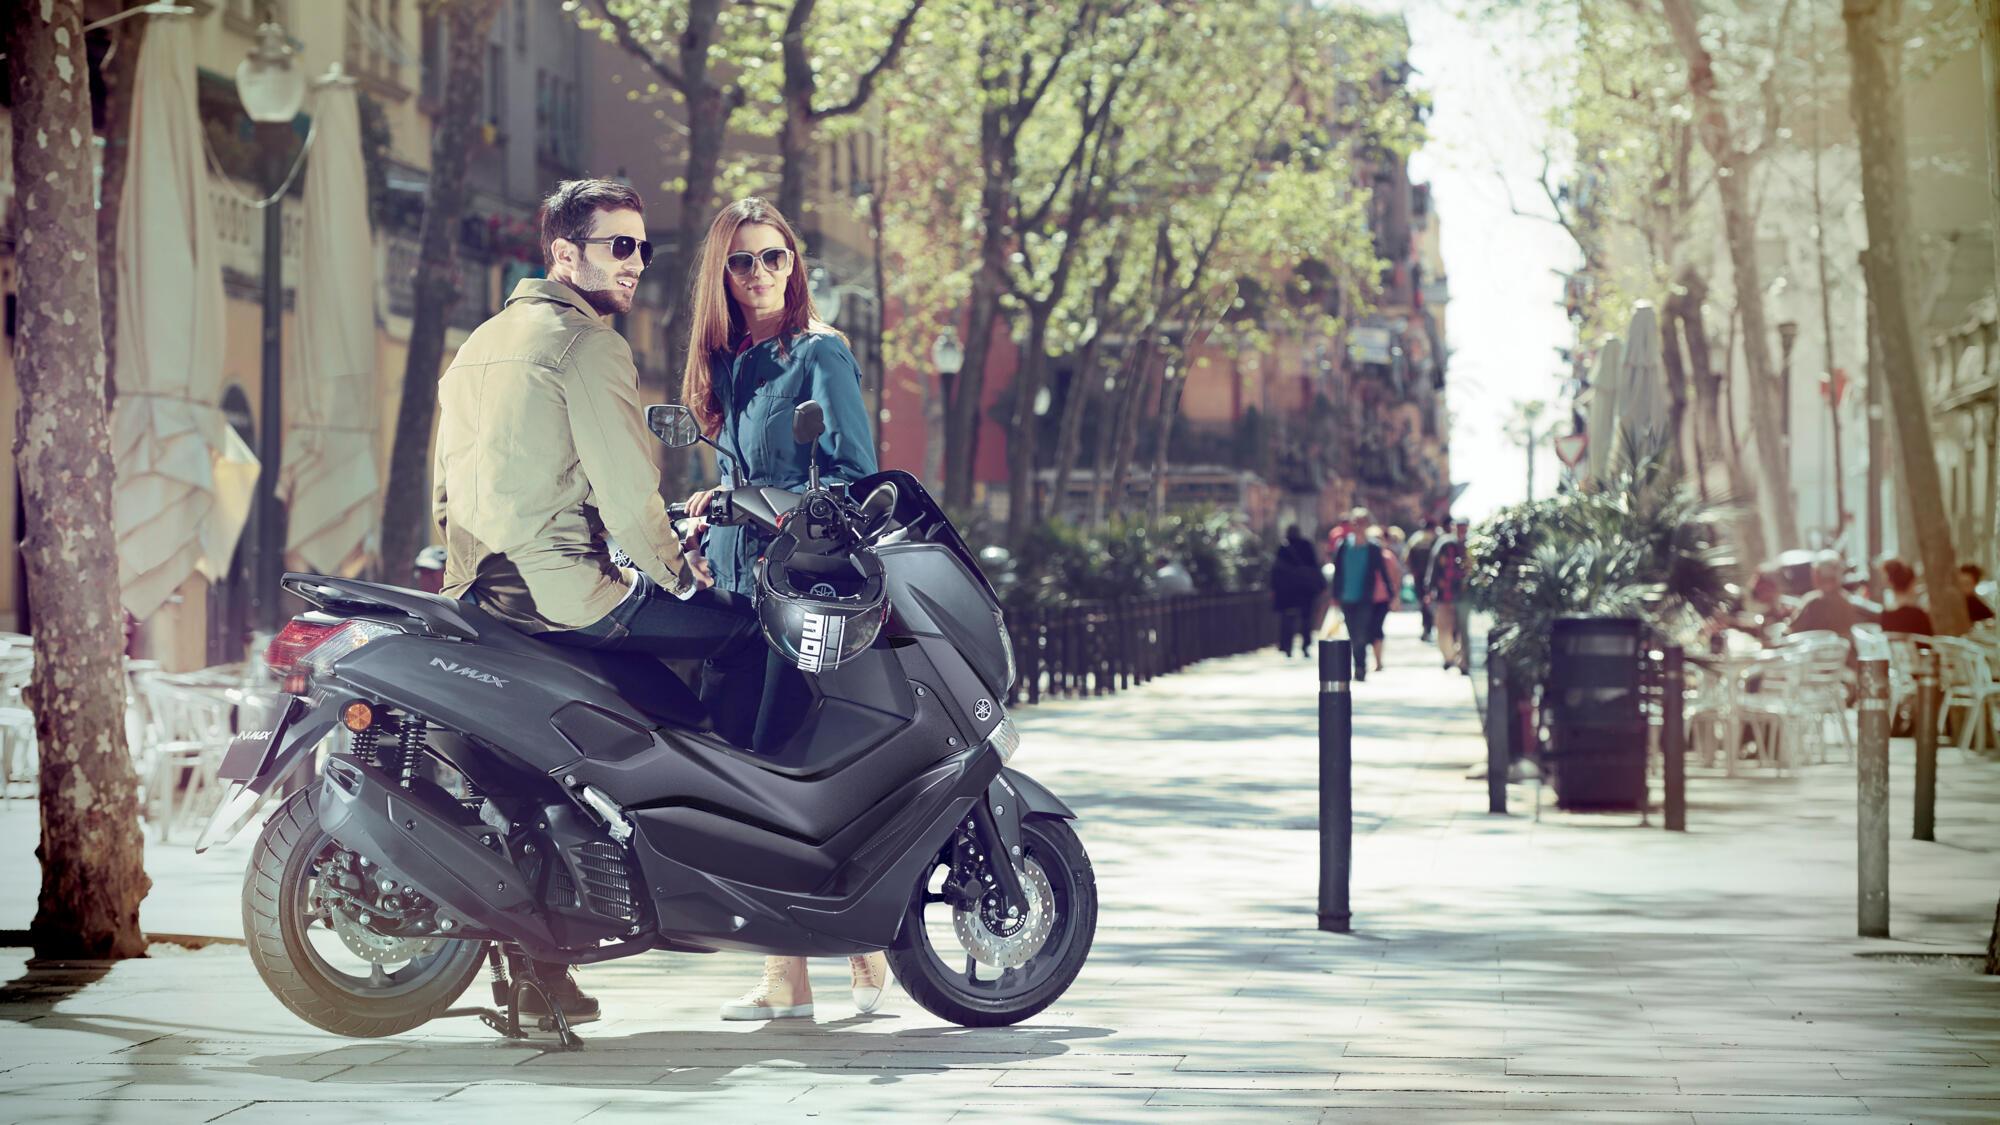 2c5b16e3b55 El nuevo scooter deportivo NMAX 125 va a convertir tus desplazamientos  urbanos diarios en una experiencia que dejarás de sufrir y empezarás a  disfrutar.